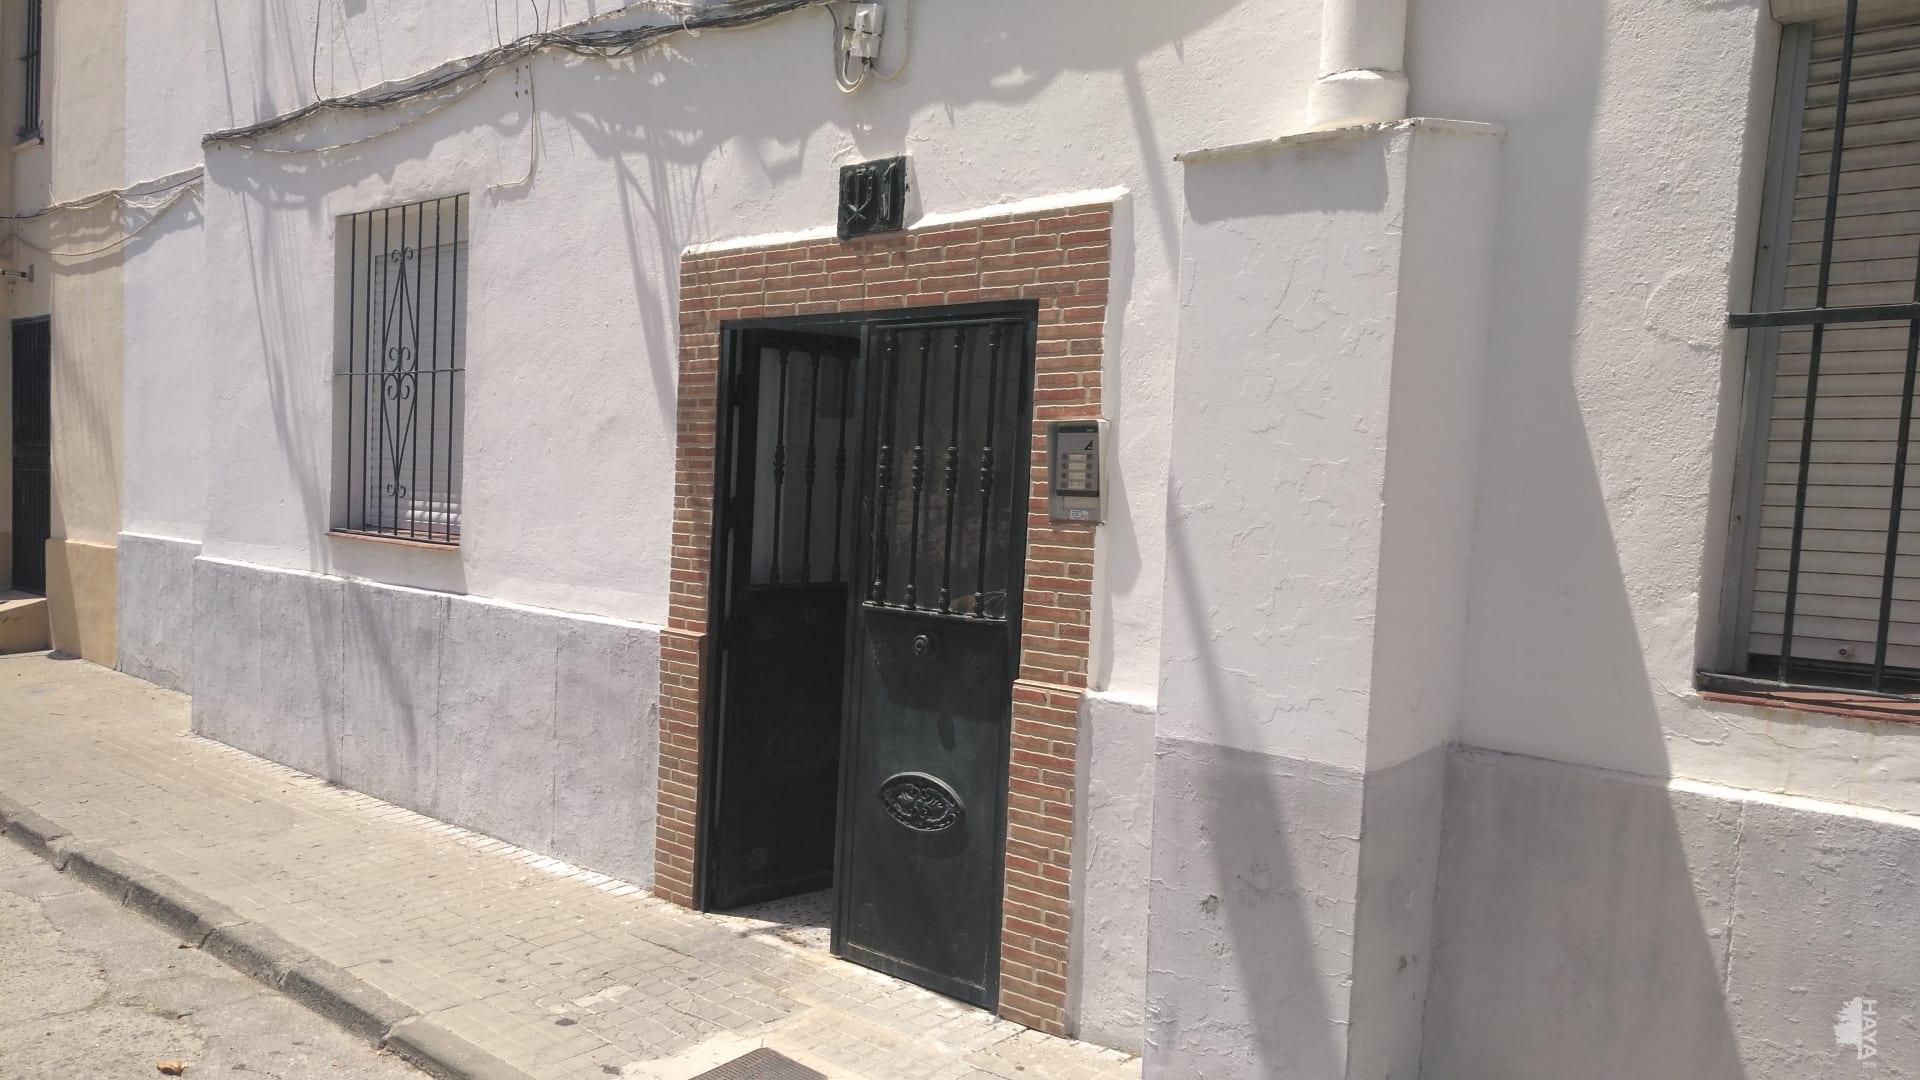 Piso en venta en San García, Algeciras, Cádiz, Calle Odiel, 25.100 €, 2 habitaciones, 1 baño, 51 m2